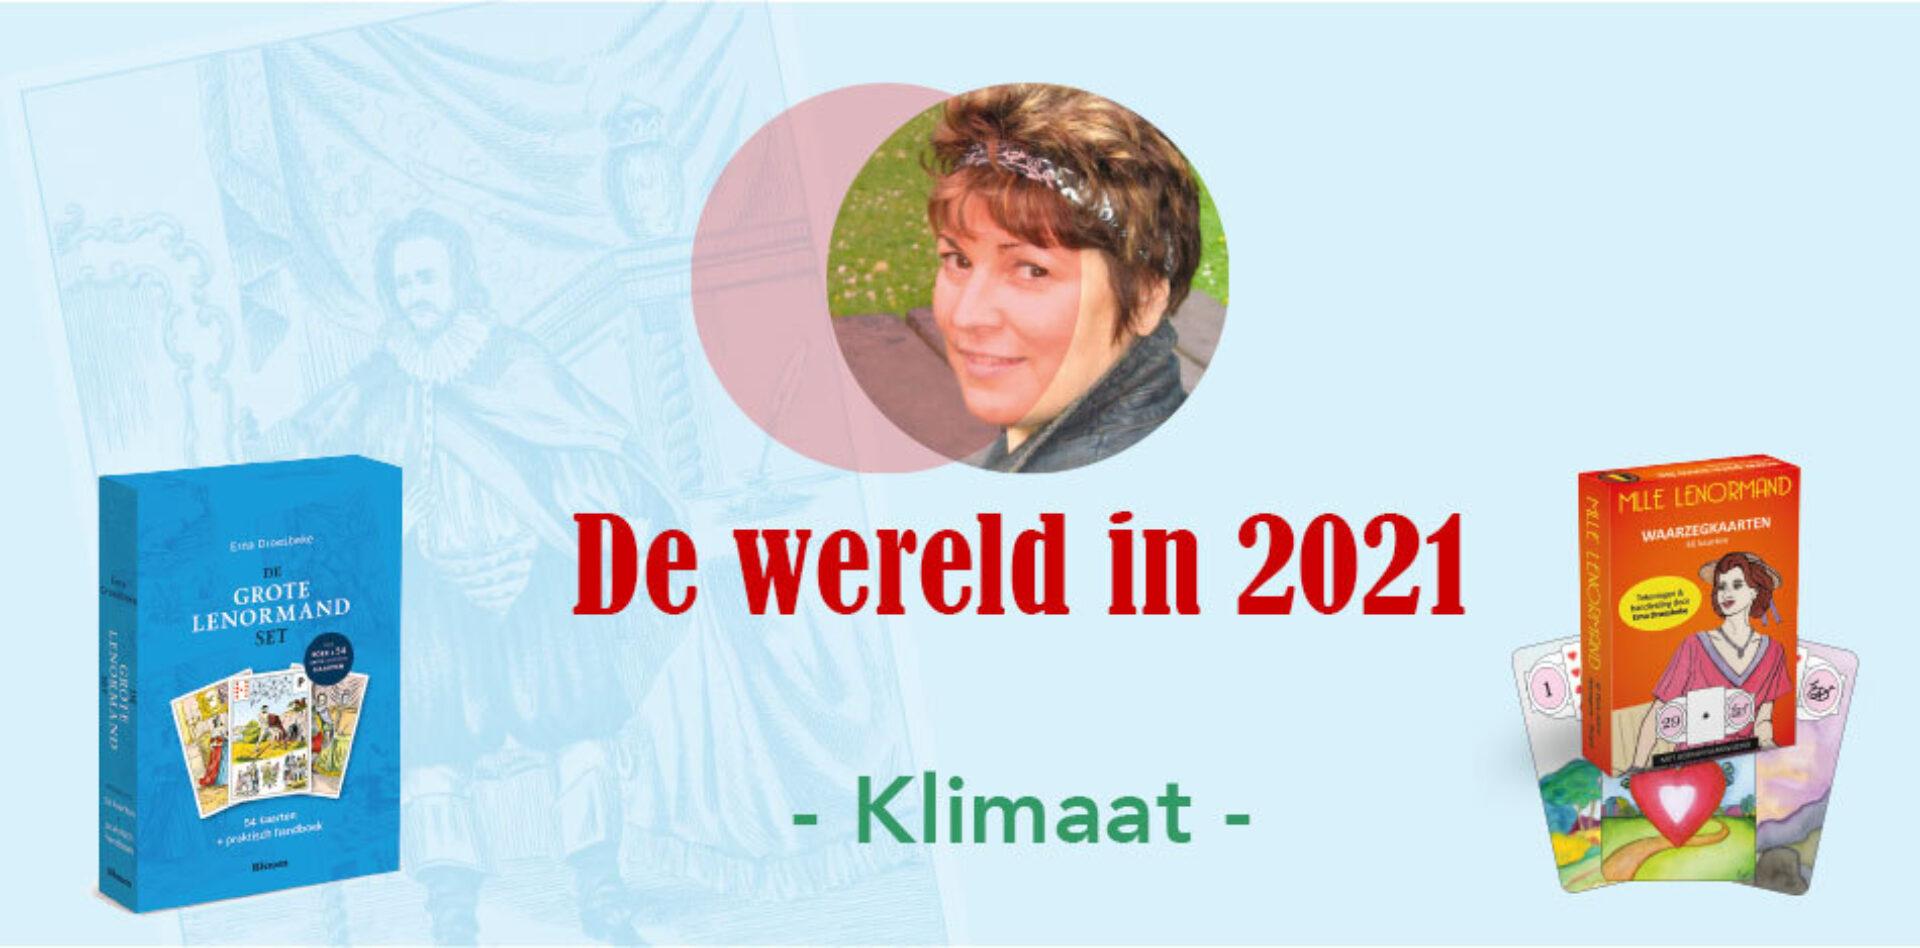 De wereld in 2021 volgens de Lenormand - Klimaat